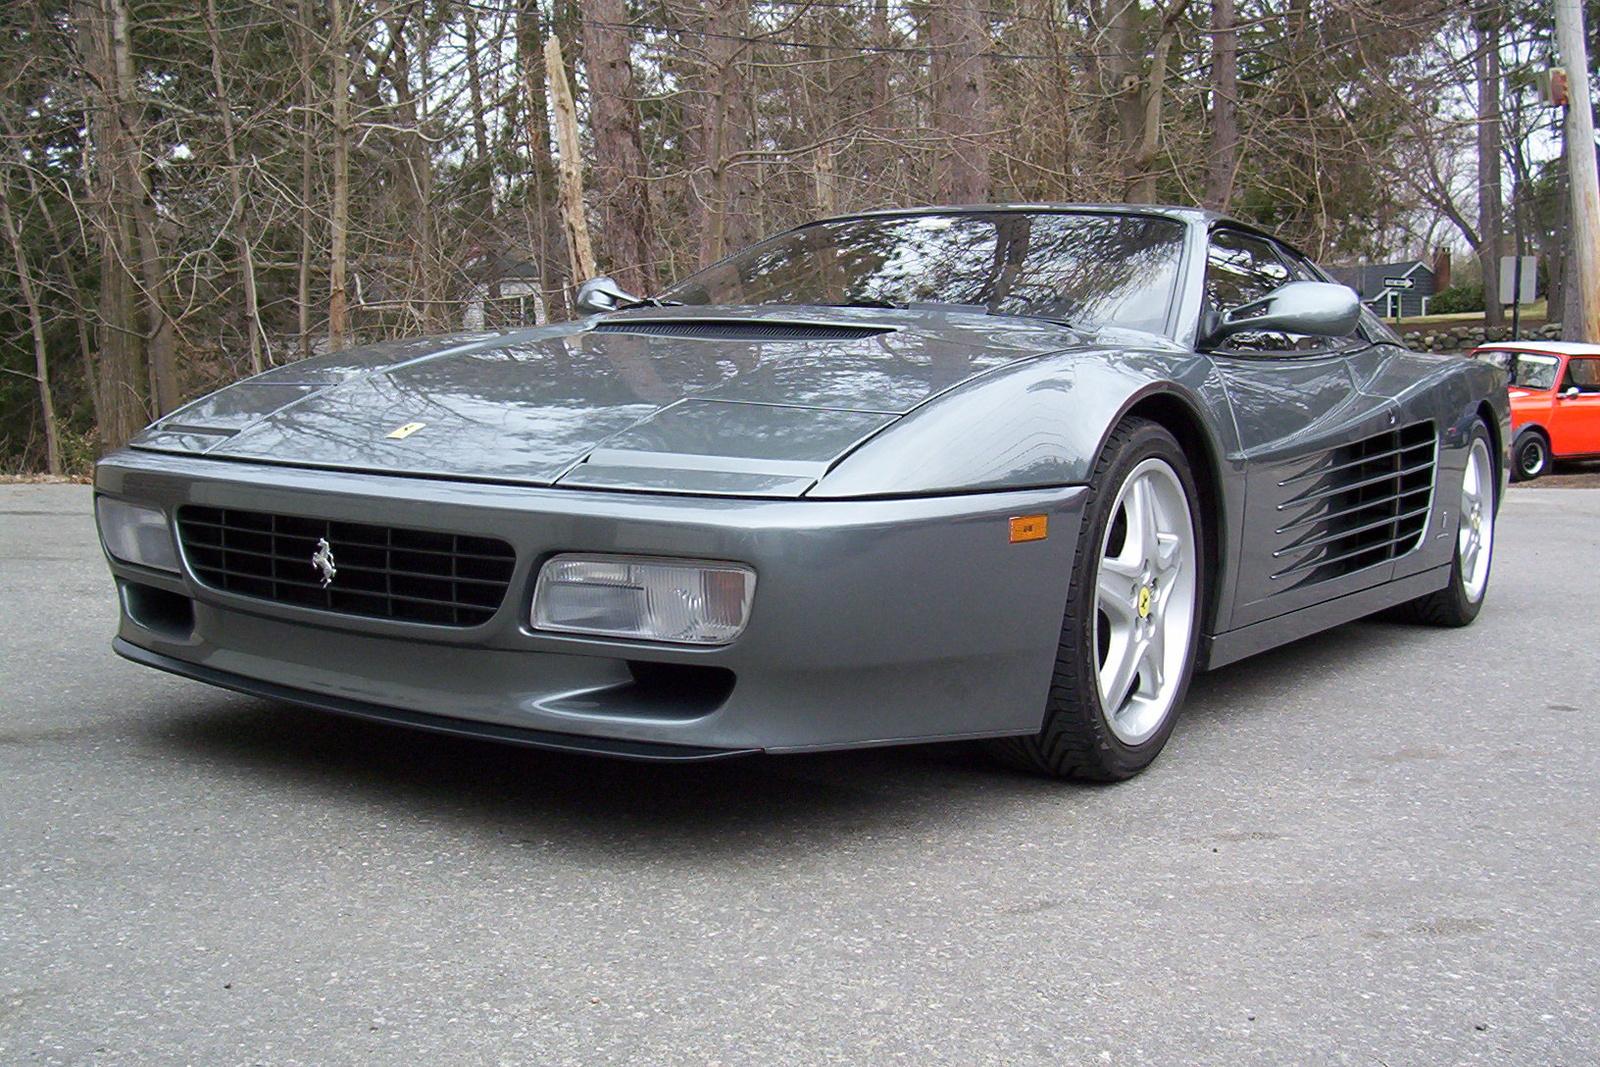 1992 Ferrari 512TR - Pictures - 1992 Ferrari Testarossa pictur ...